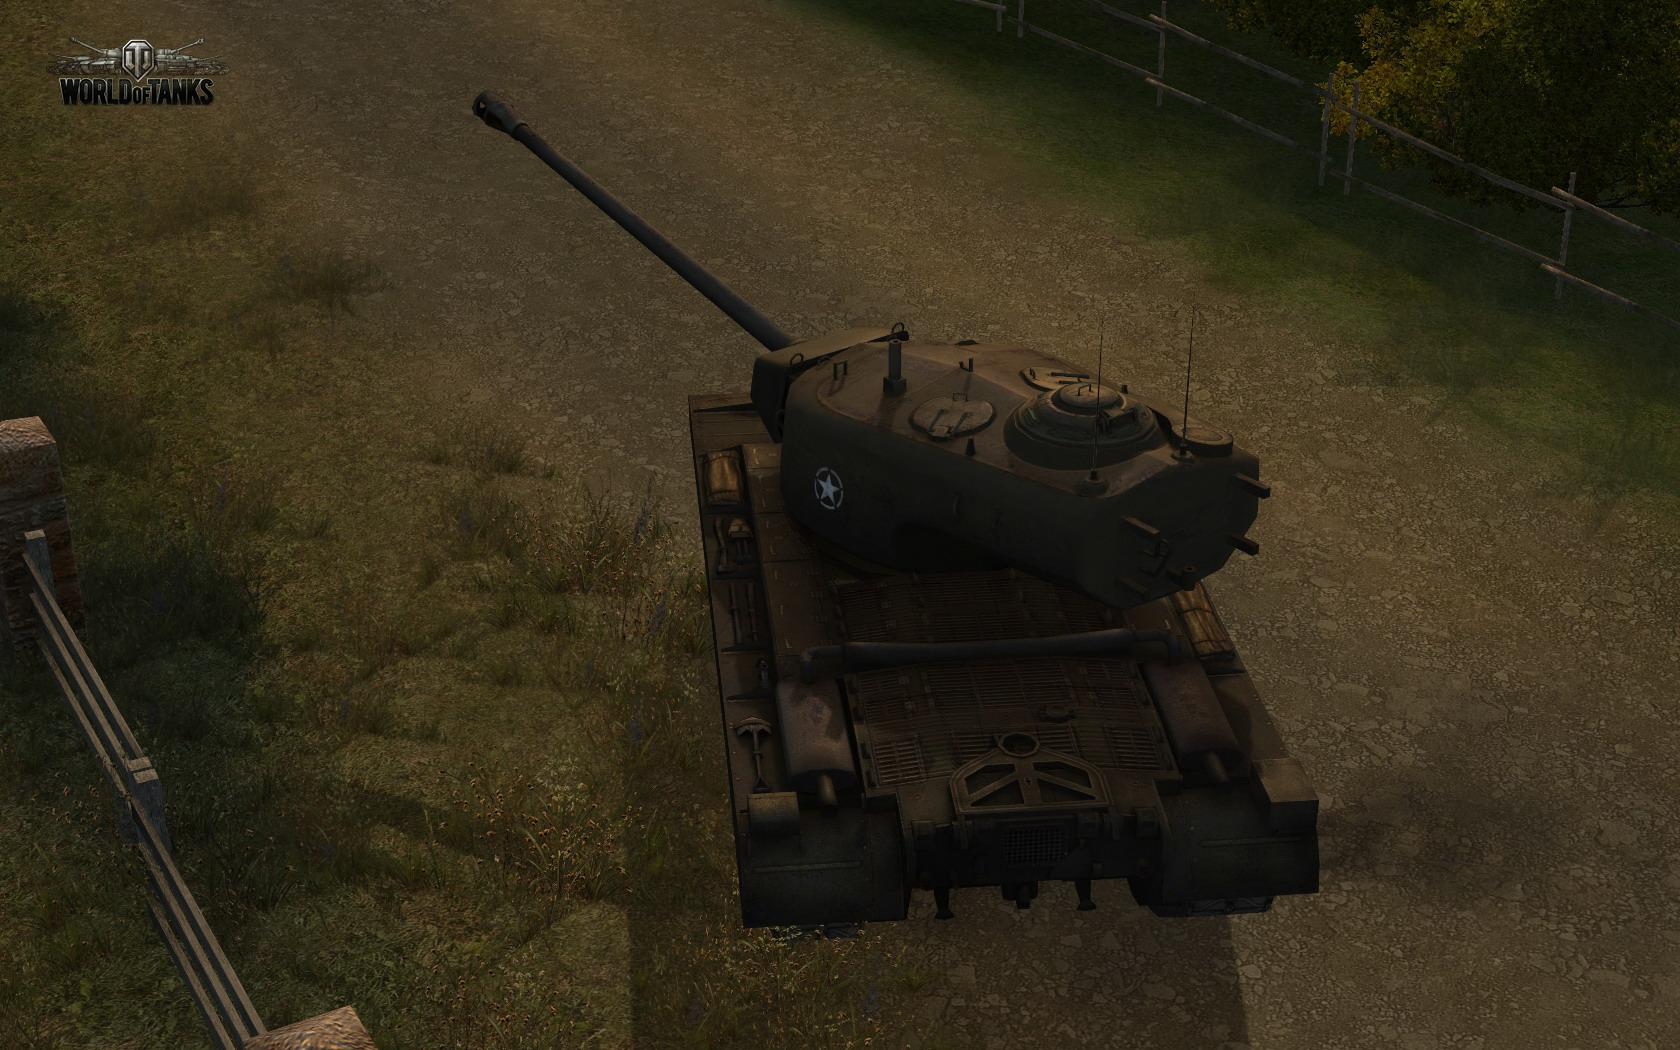 Читы для World of Tanks 0910  Скачать бесплатно читы